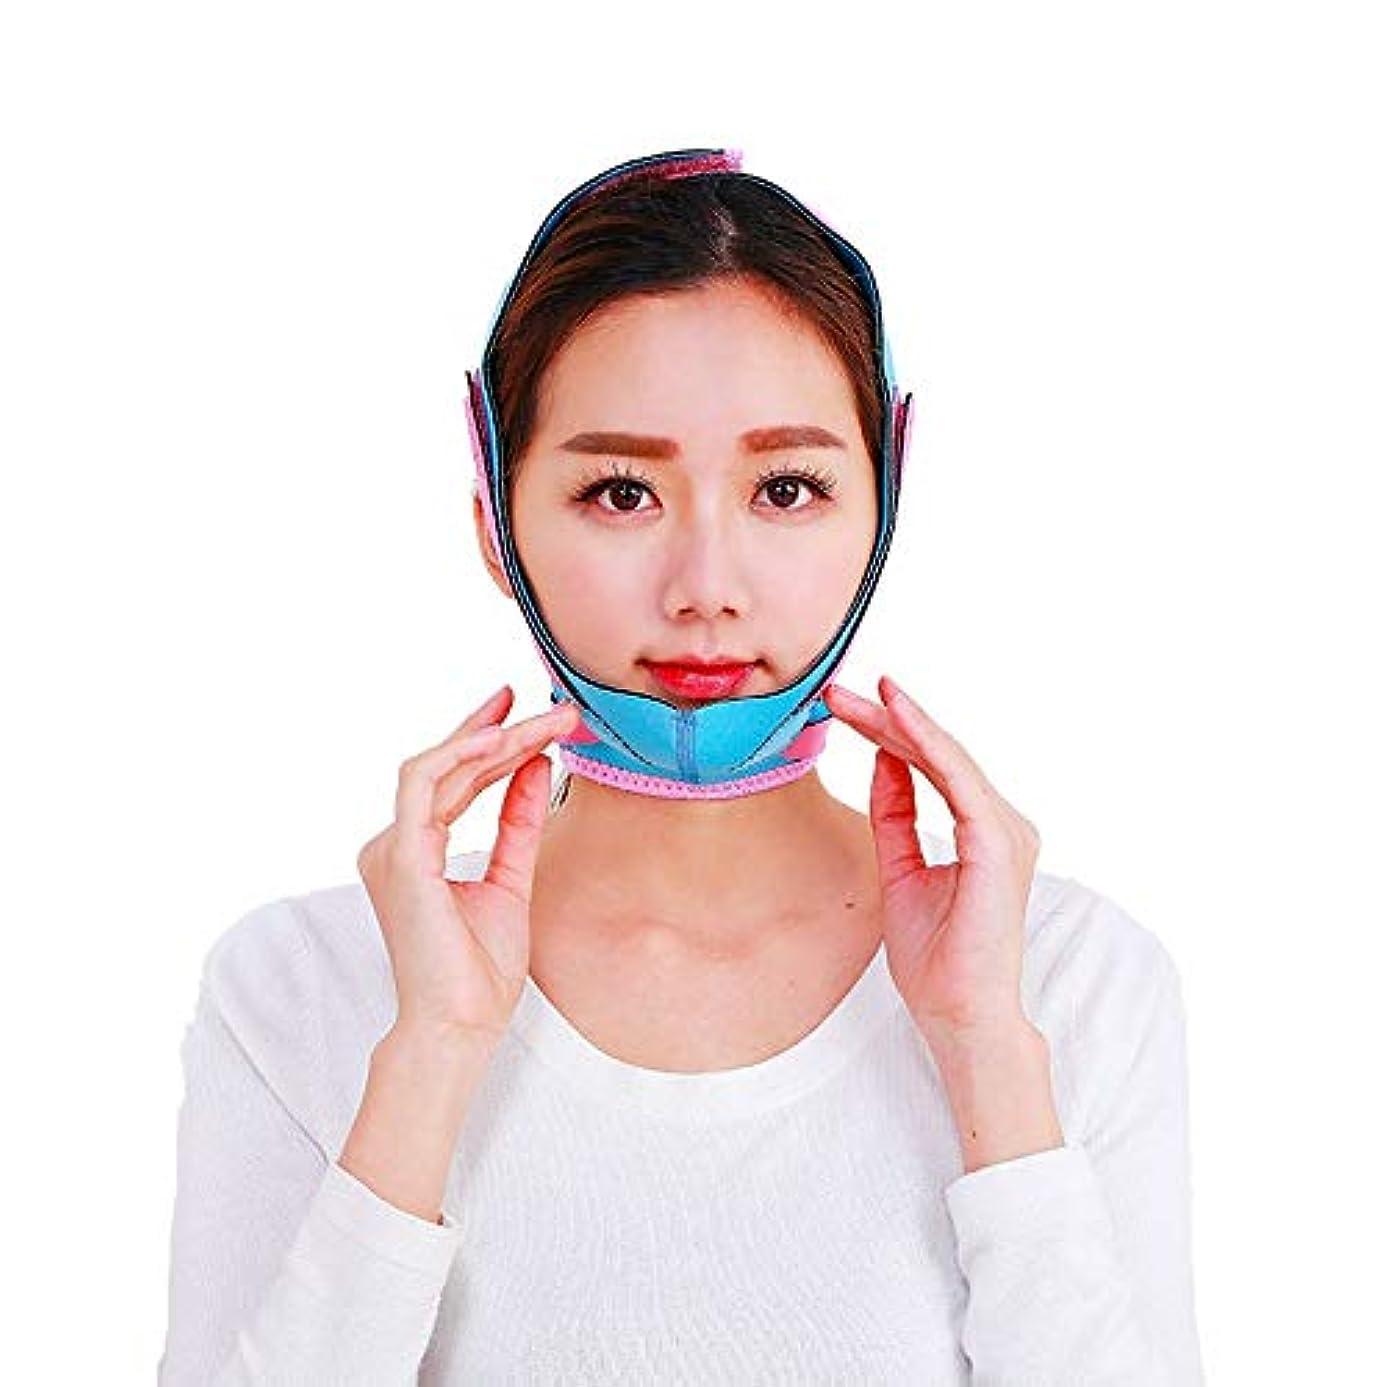 勤勉細分化するポーズJia Jia- フェイスマスクマスクスリムマスクリフティングコンターリリーフドループマッスル引き締め肌弾性Vフェイス包帯 顔面包帯